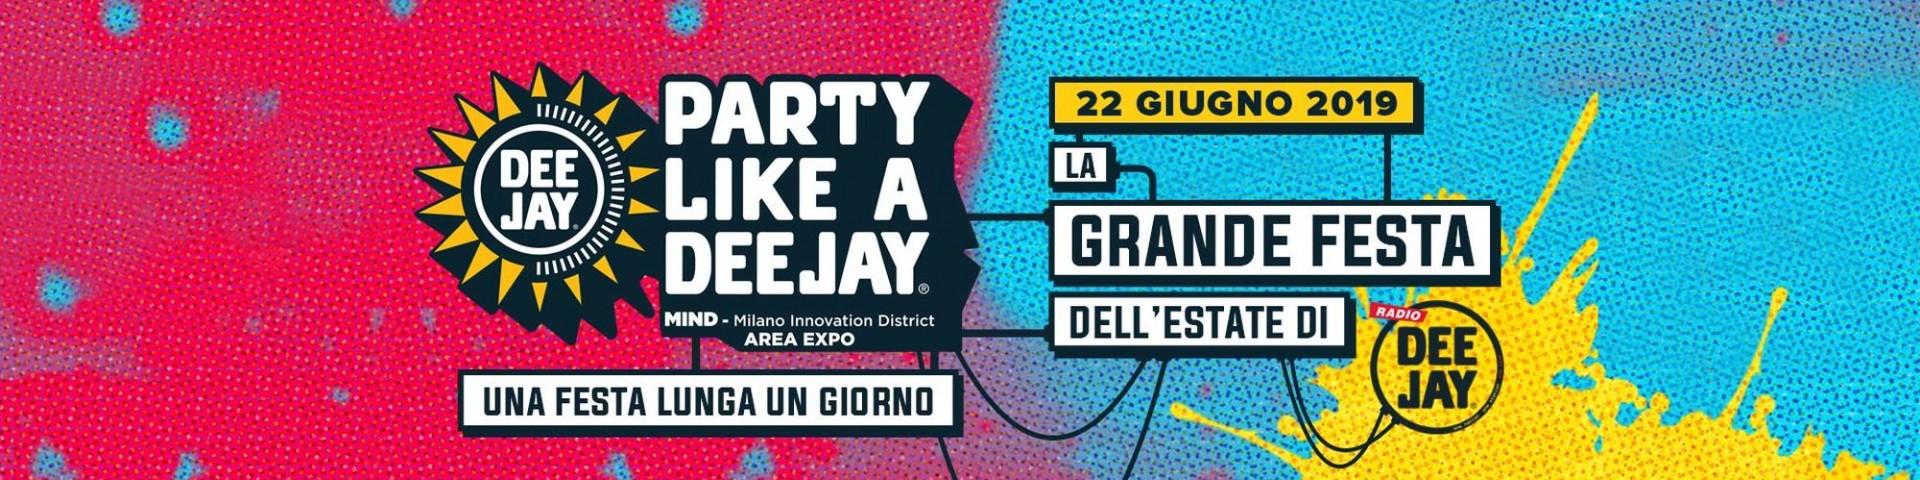 Party Like a Deejay 2019 a Milano – 22 giugno: biglietti, scaletta, come arrivare